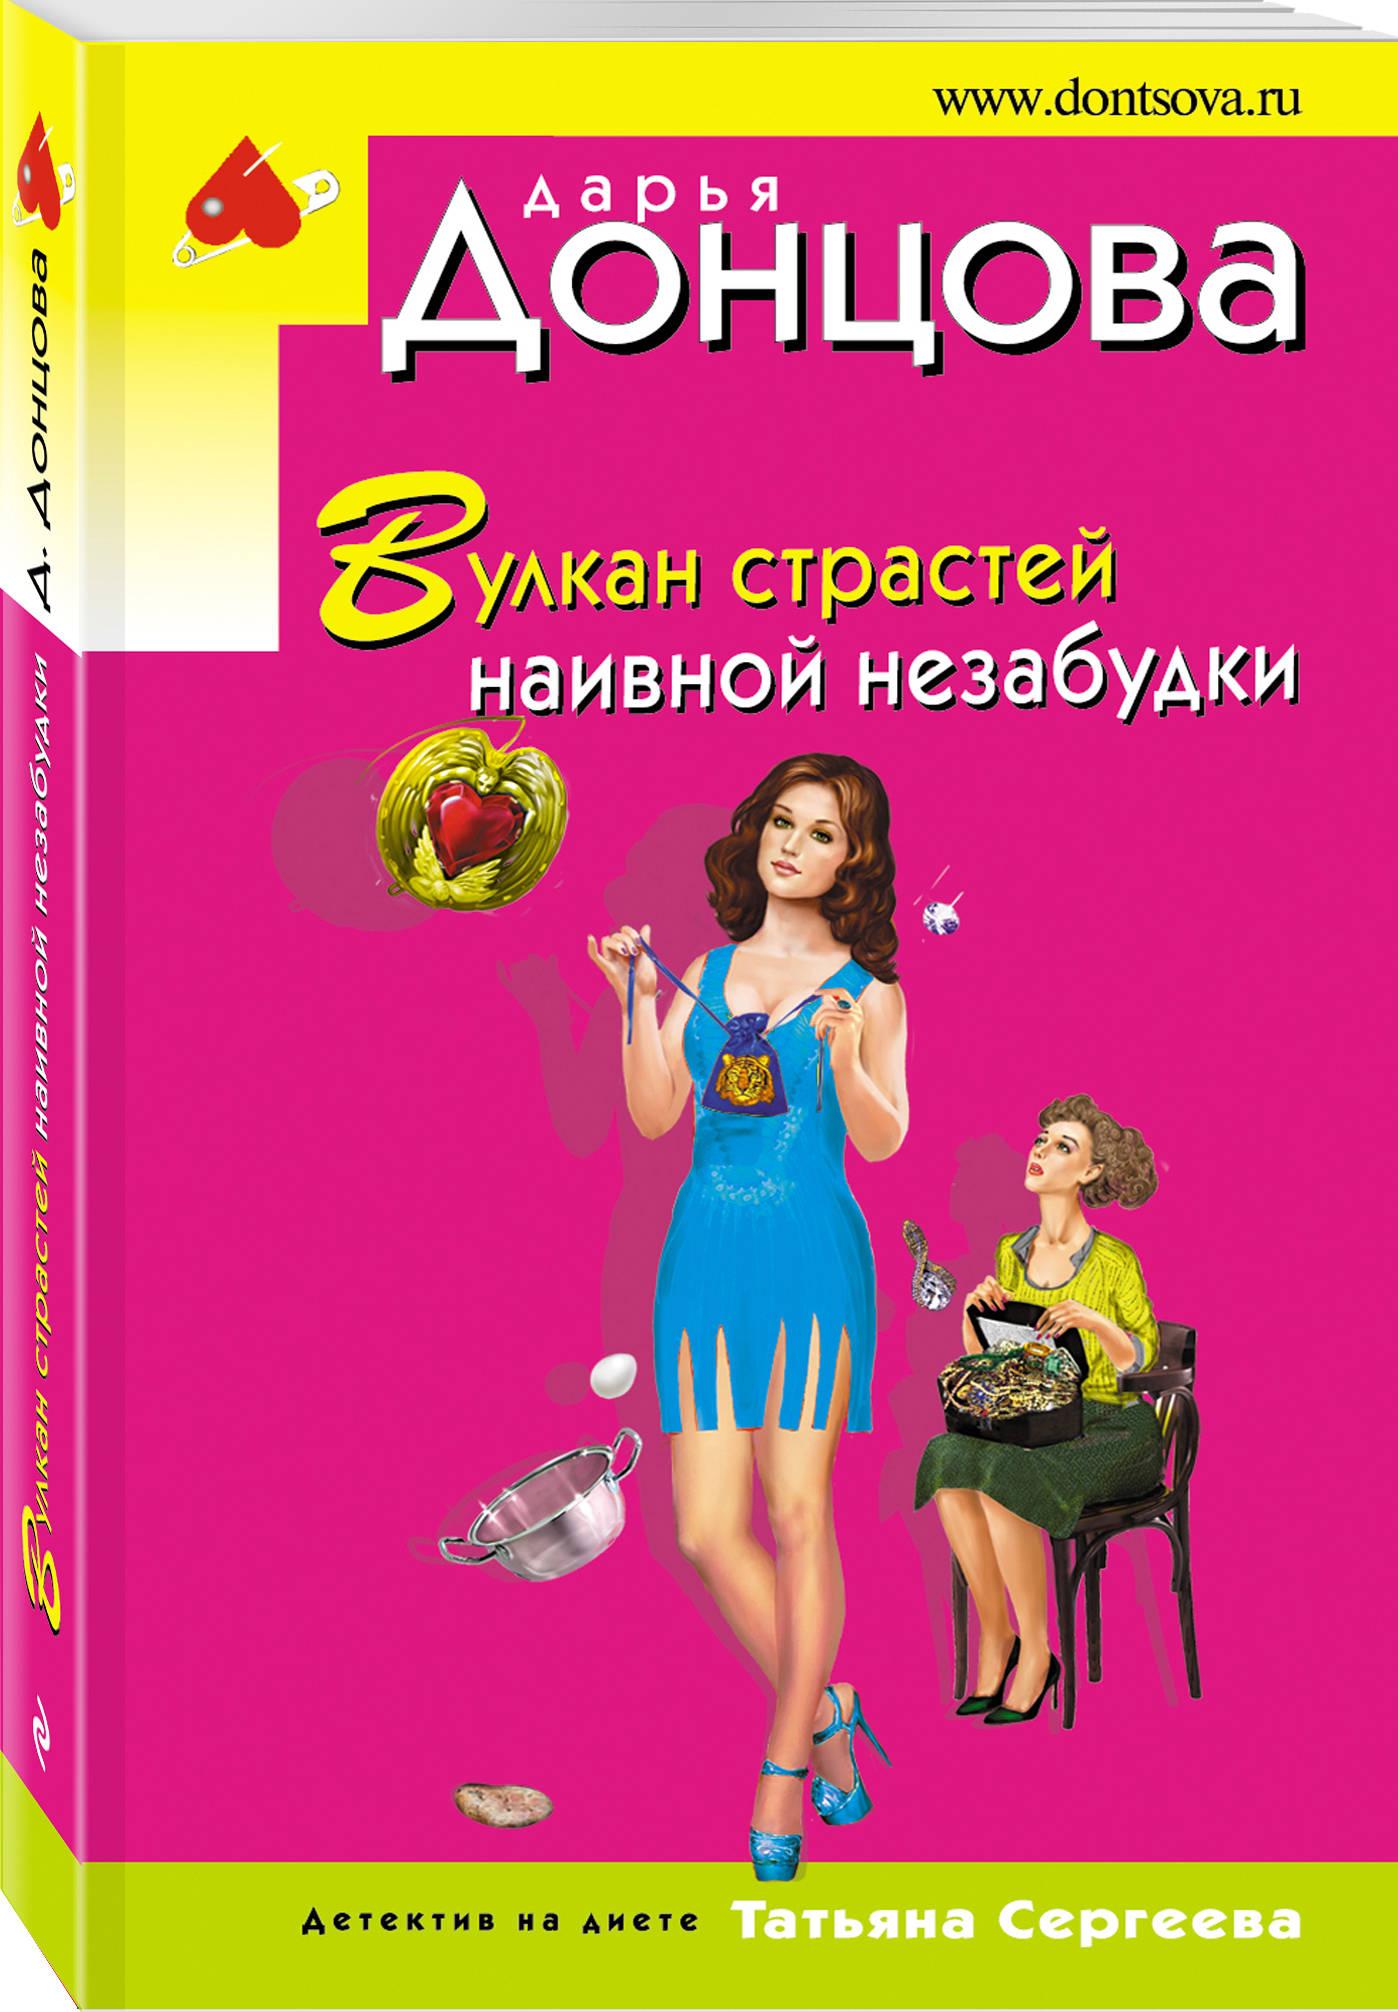 Донцова Дарья Аркадьевна Вулкан страстей наивной незабудки